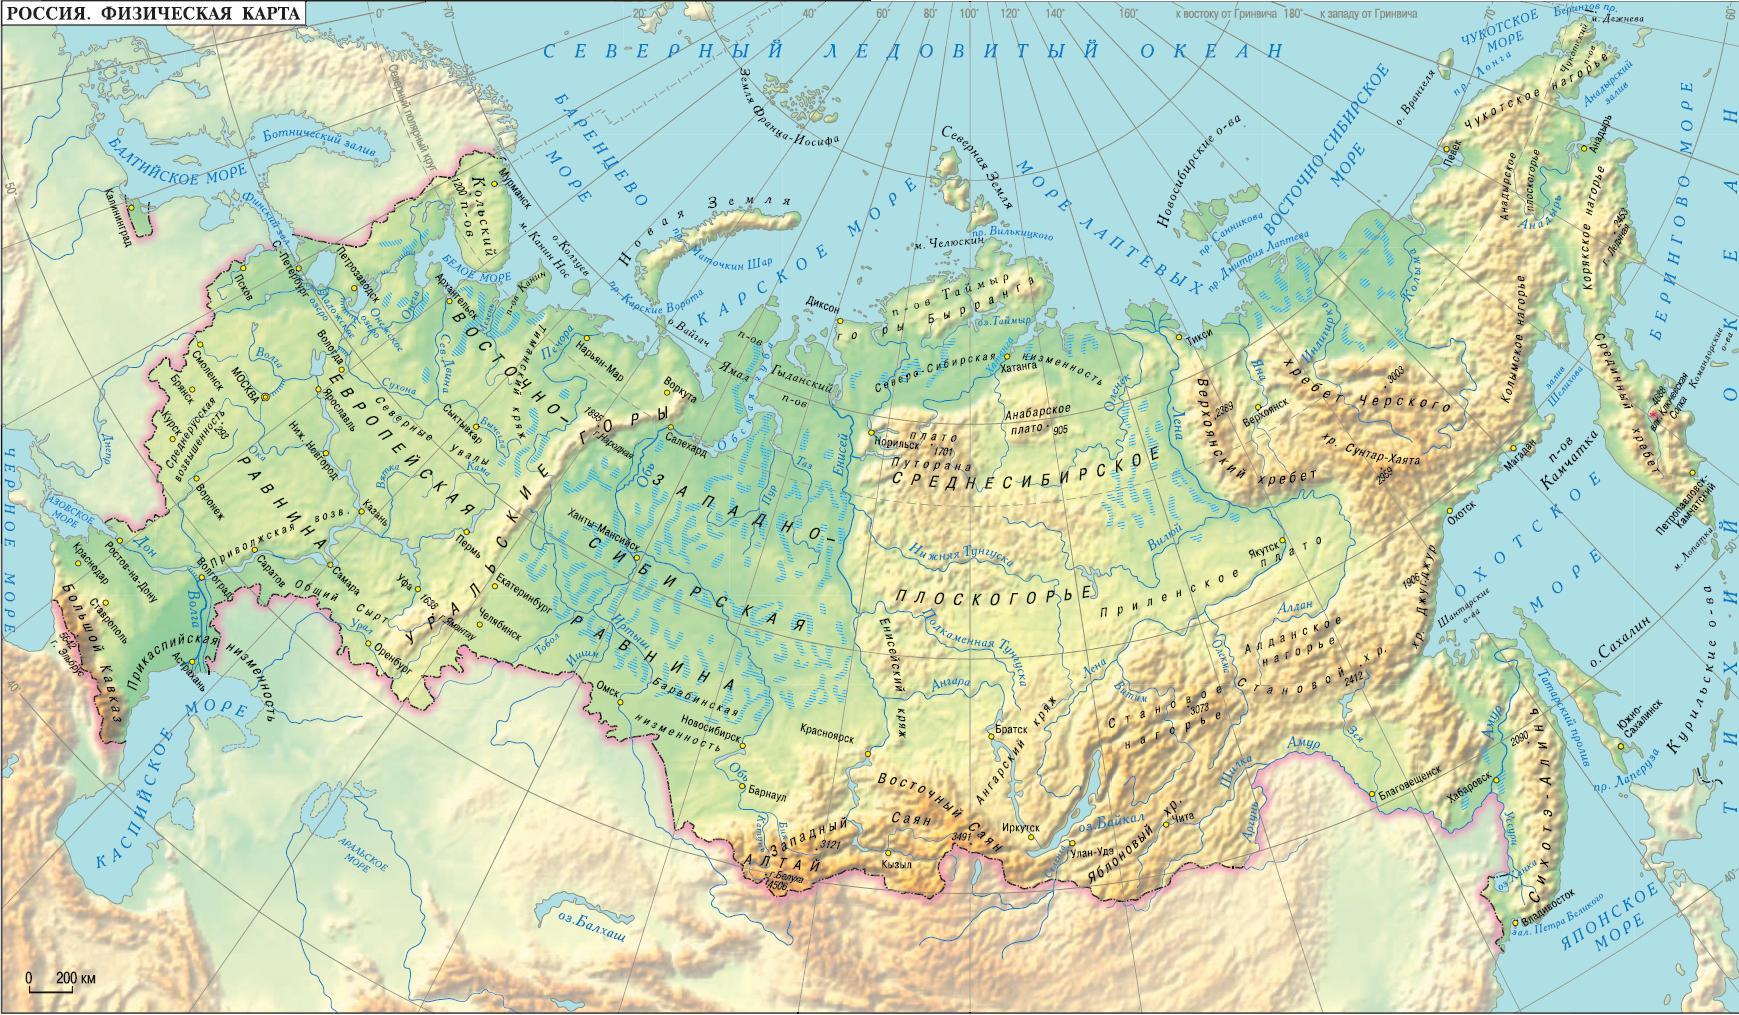 картинки по северу европейской россии